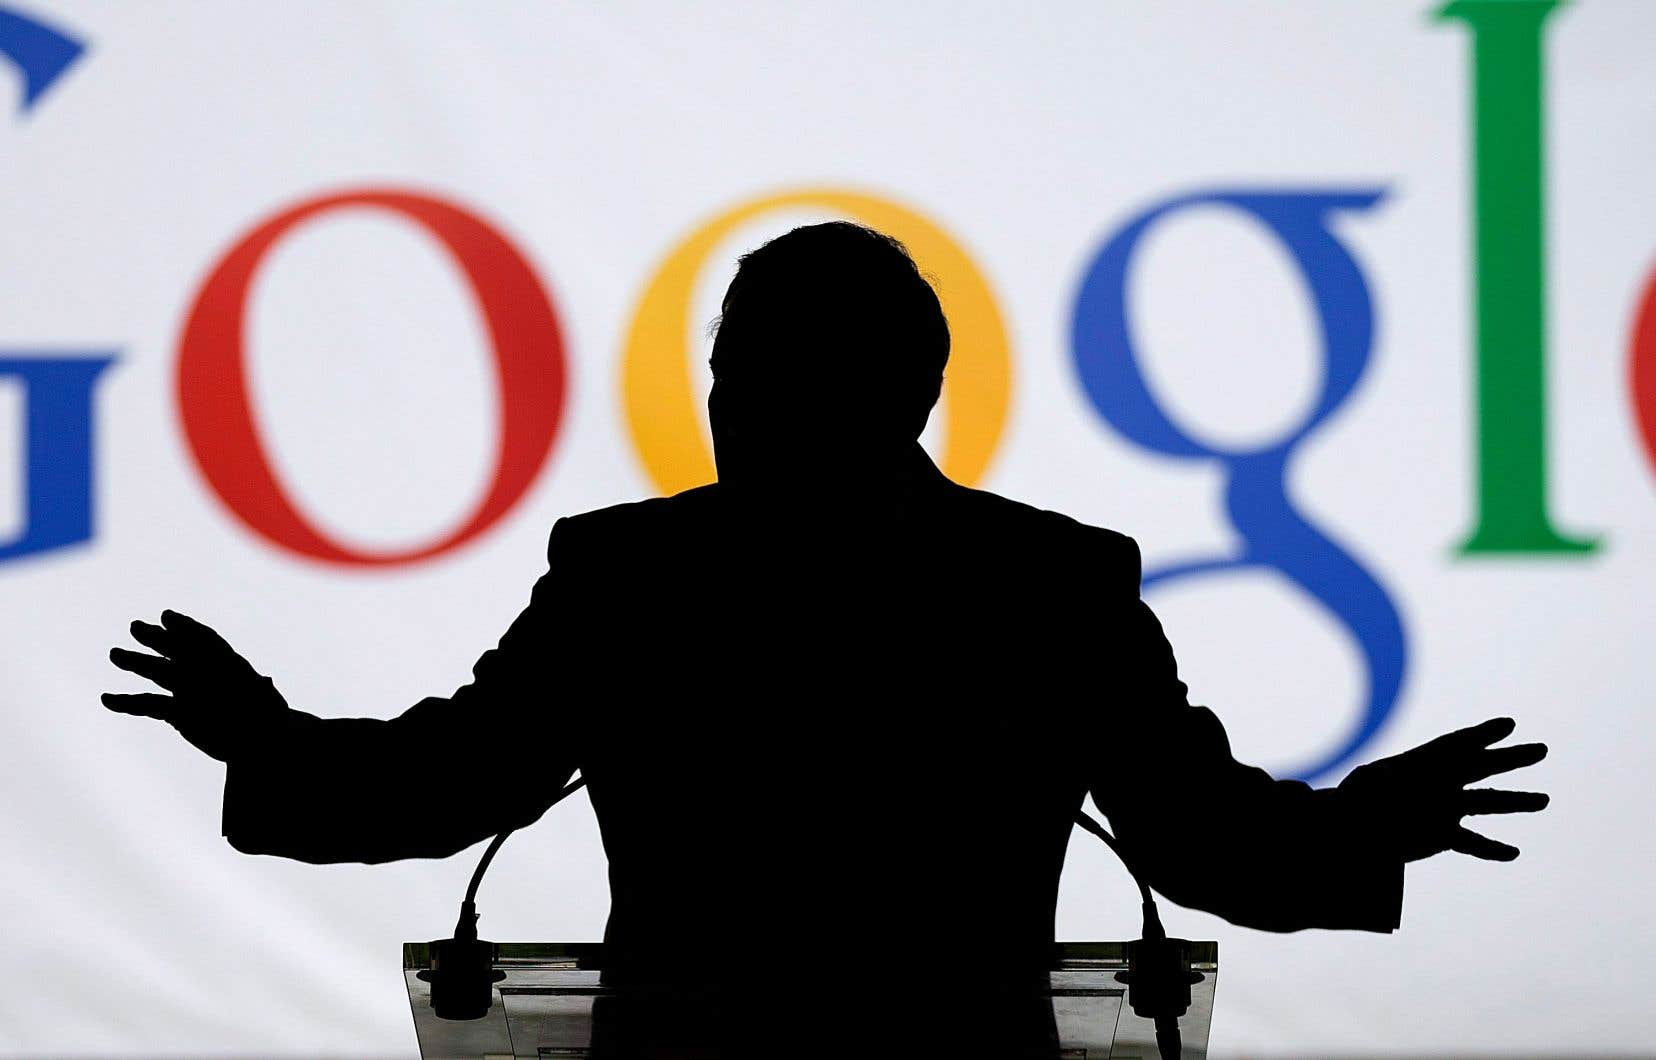 Les investigations vont chercher à déterminer si Google, Apple, Facebook ou Amazon abusent de leur position dominante pour écraser la concurrence.